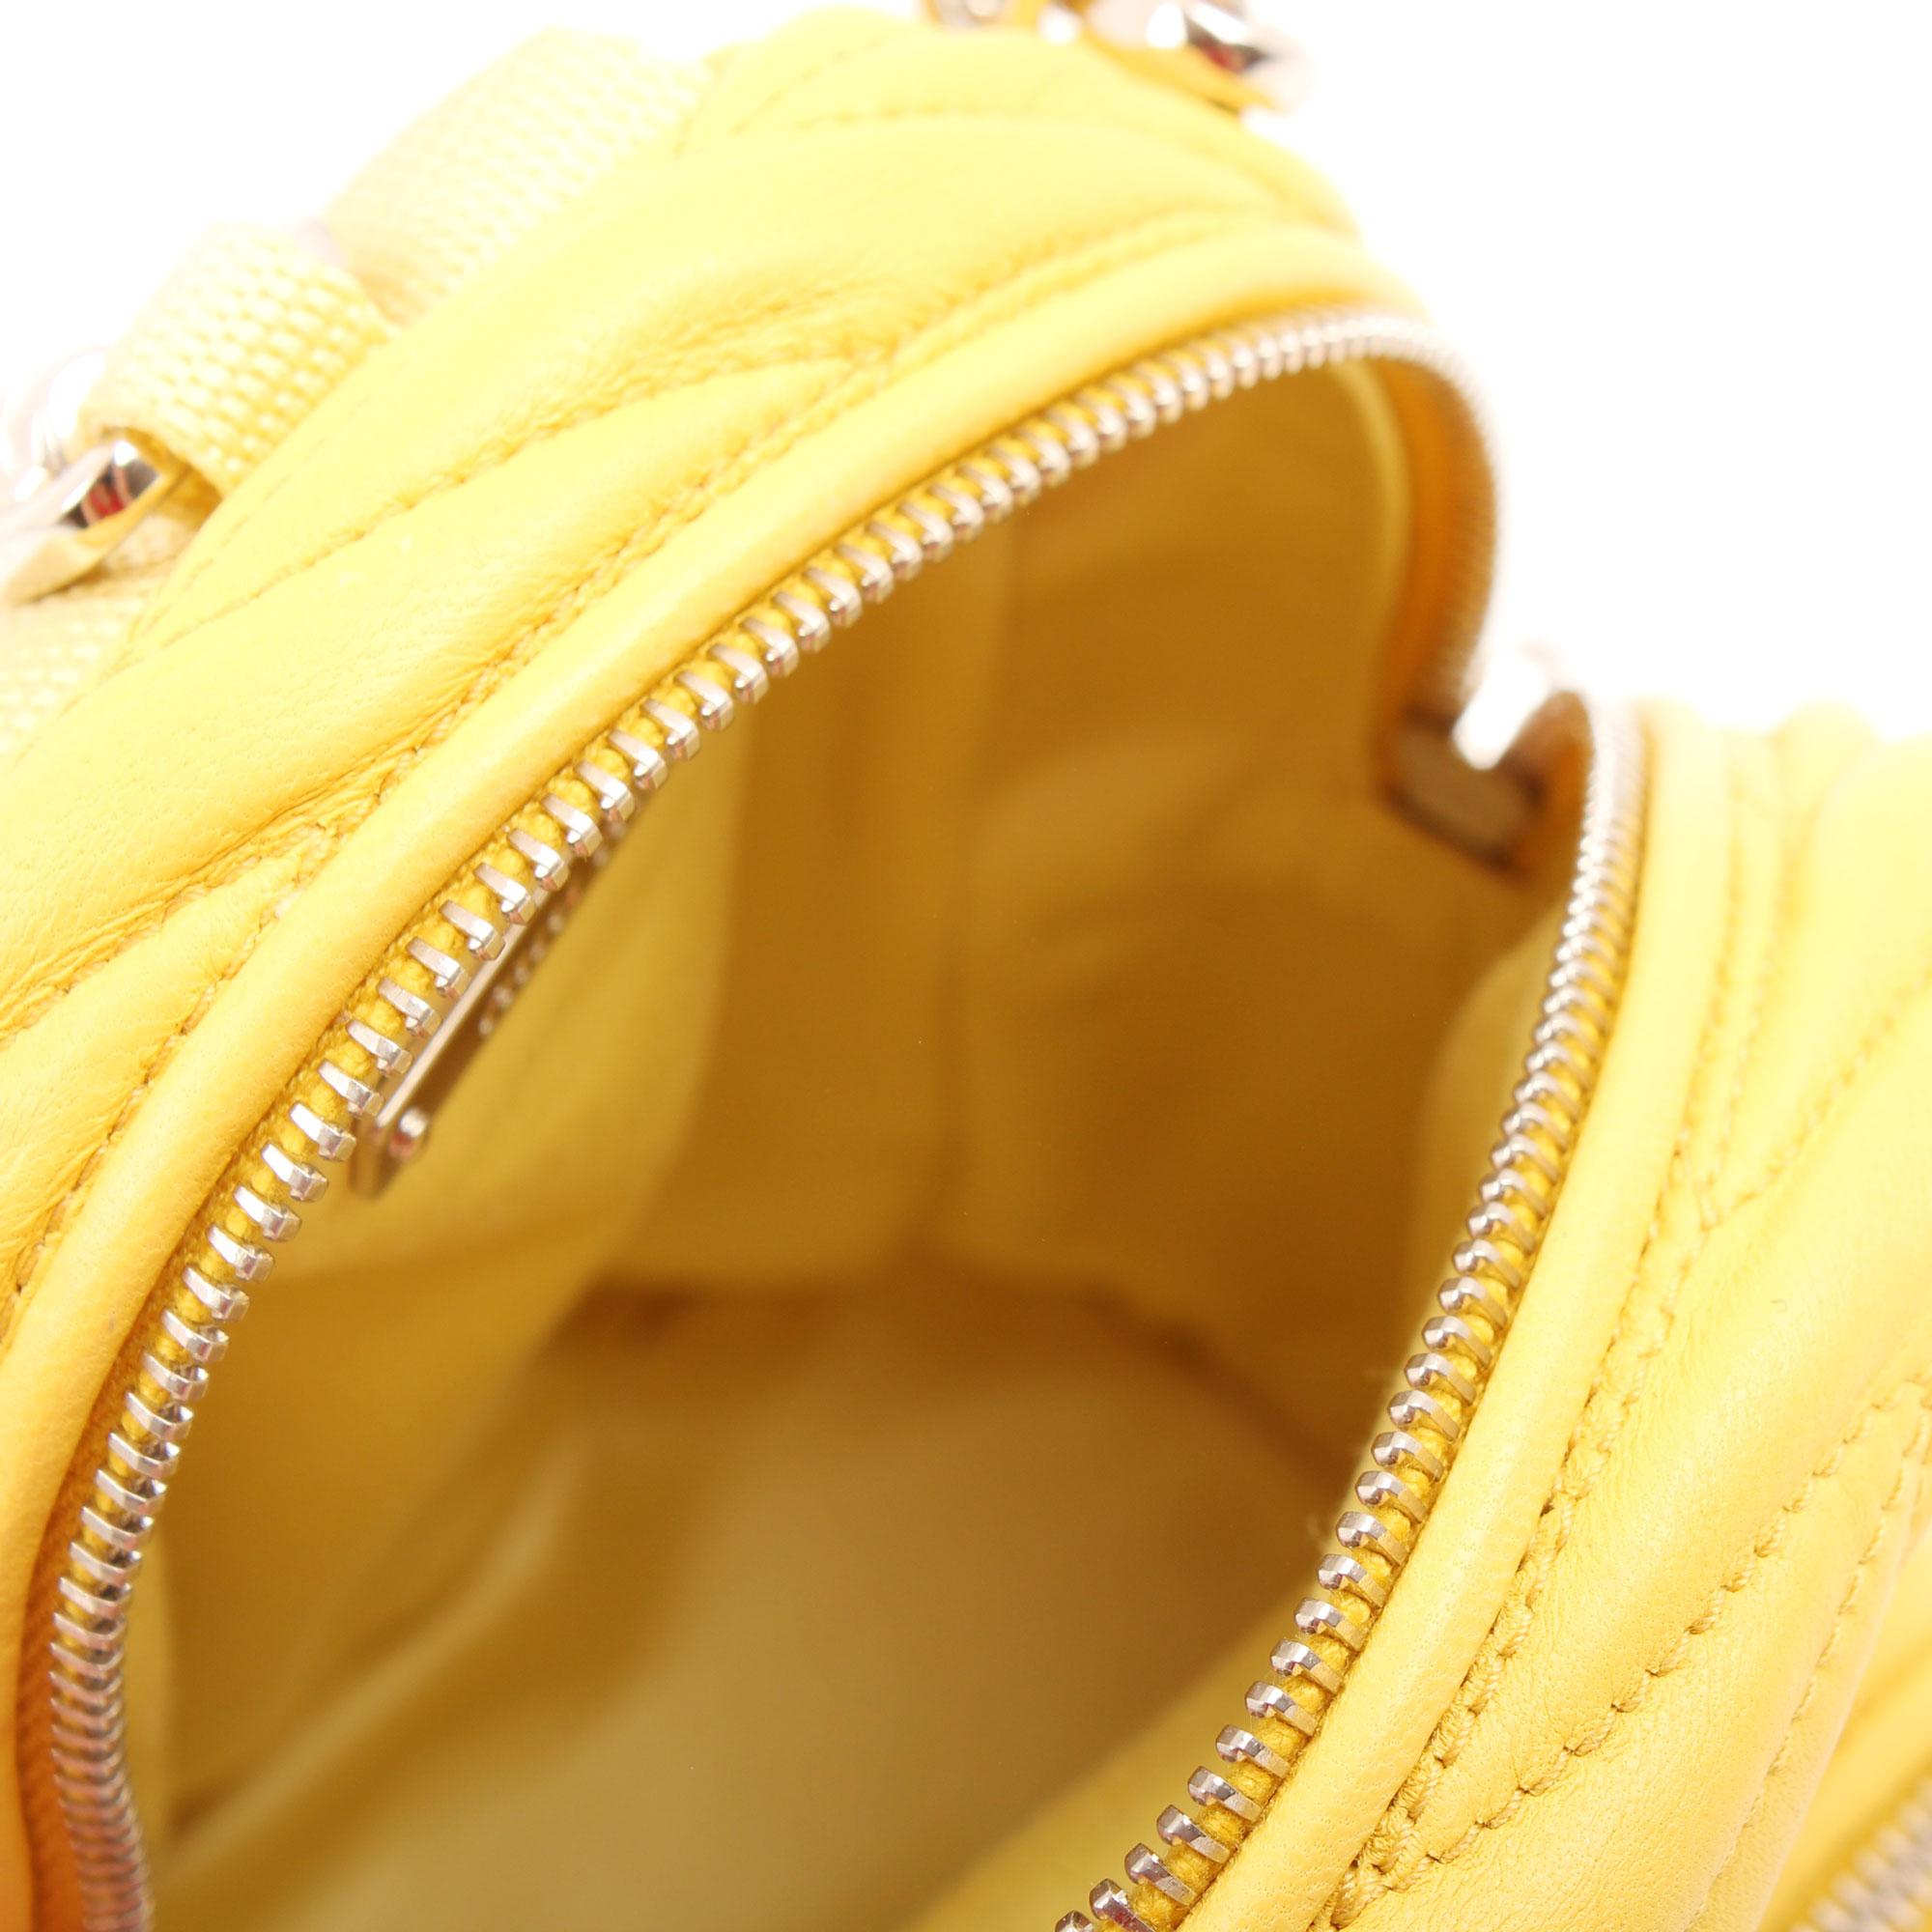 Imagen del interior del bolso miu miu matelasse mini mochila amarillo sole